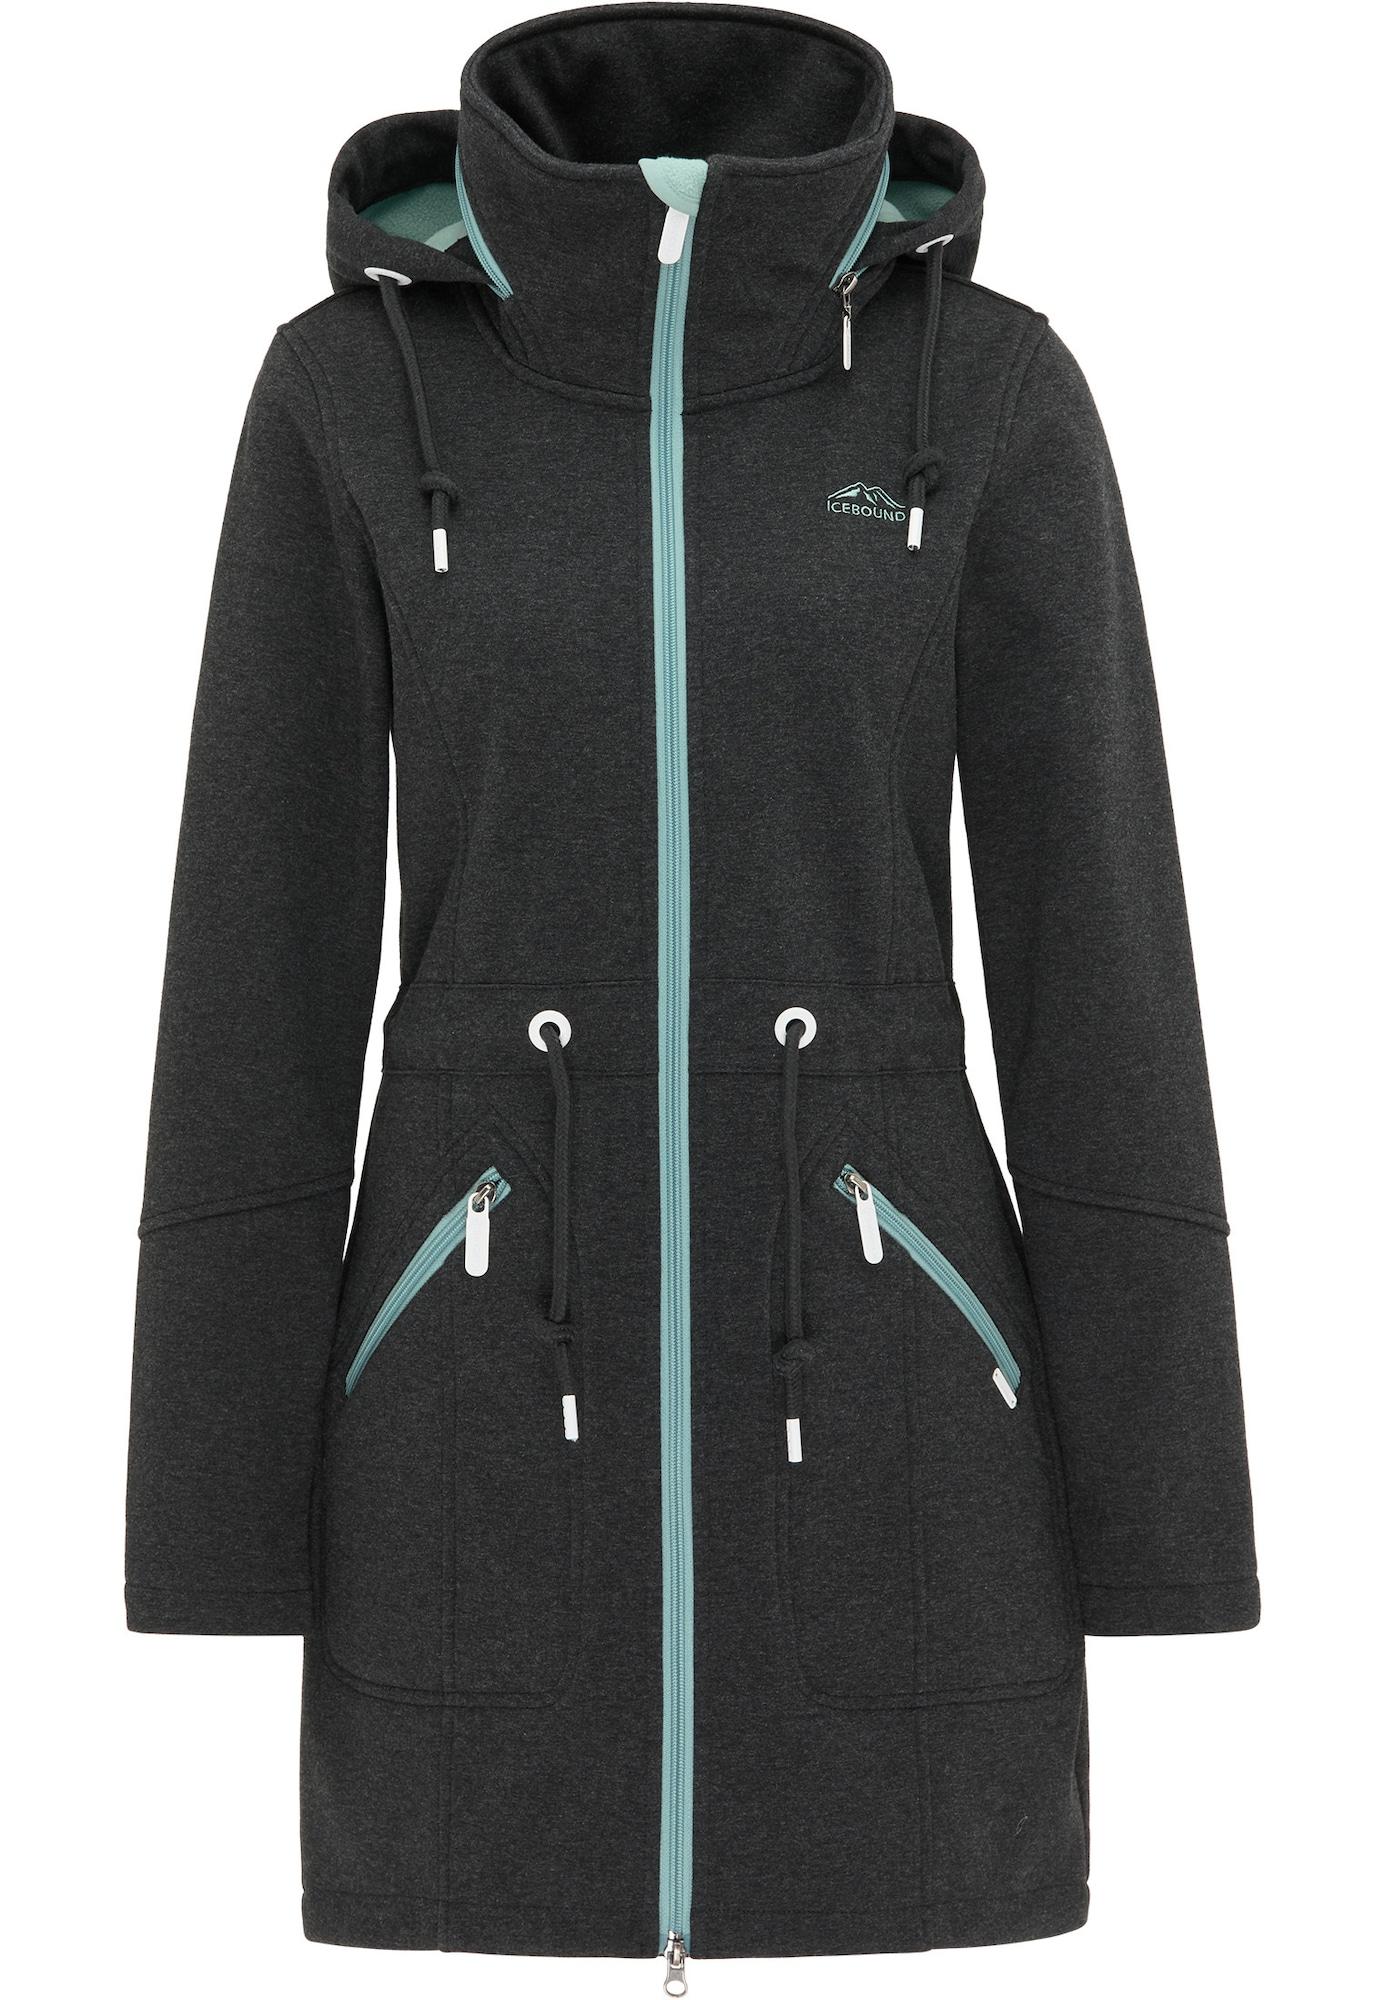 ICEBOUND Demisezoninis paltas bazalto pilka / opalo